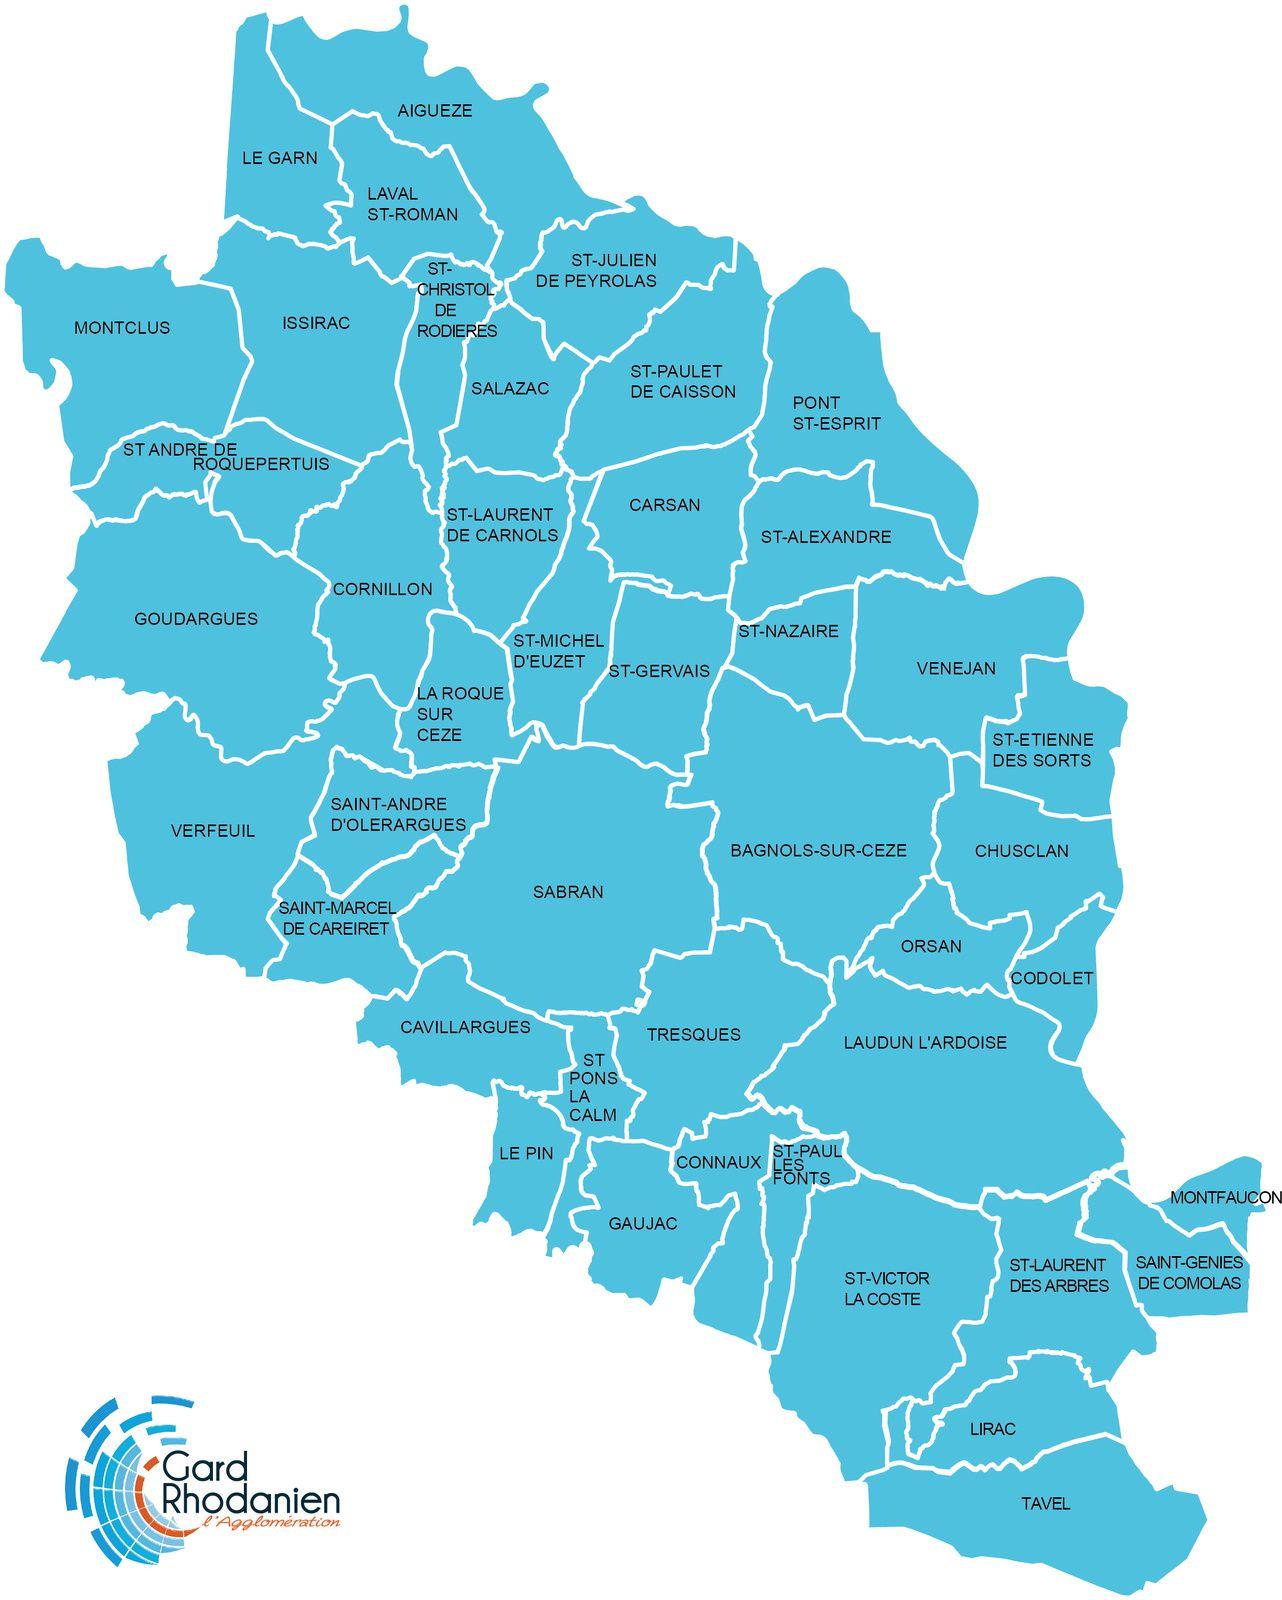 Consultation pour la réalisation d'une vidéo de marketing territorial économique du Gard Rhodanien